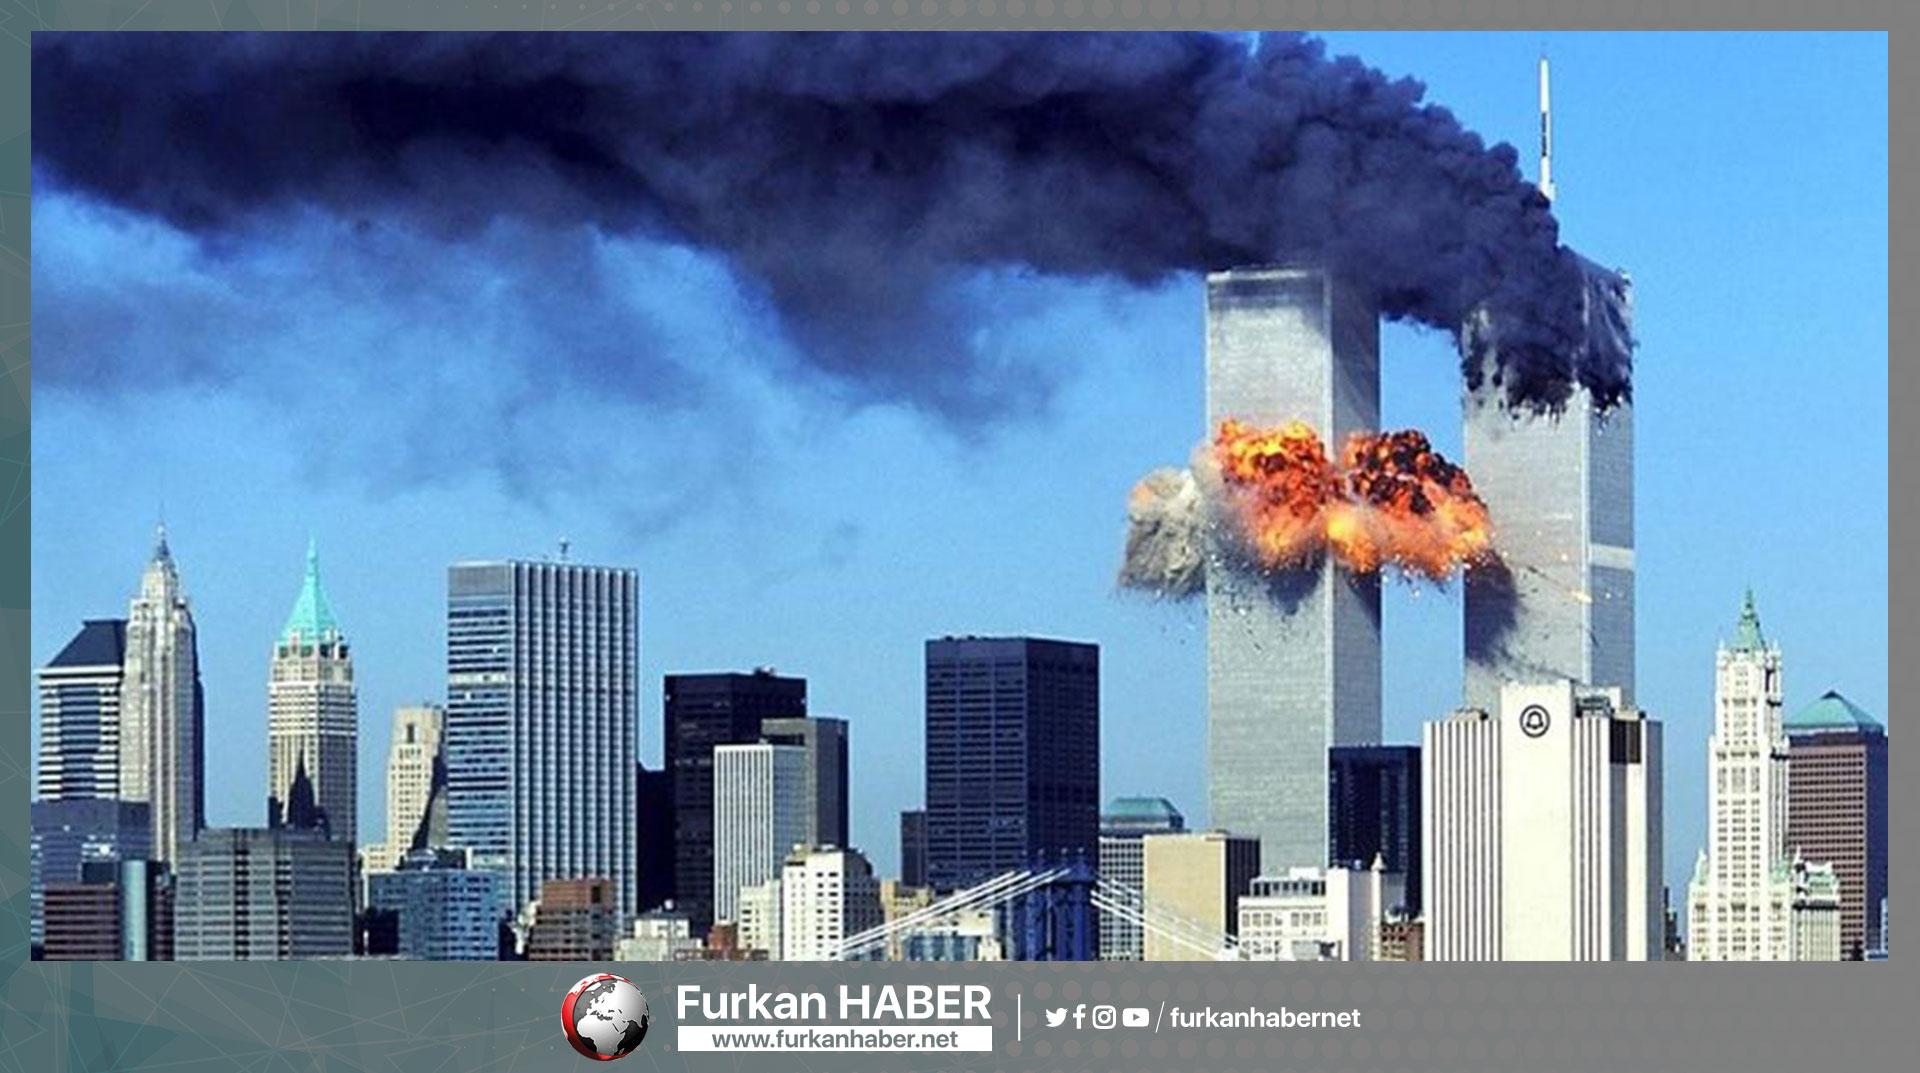 Gizemli Saldırı 11 Eylül